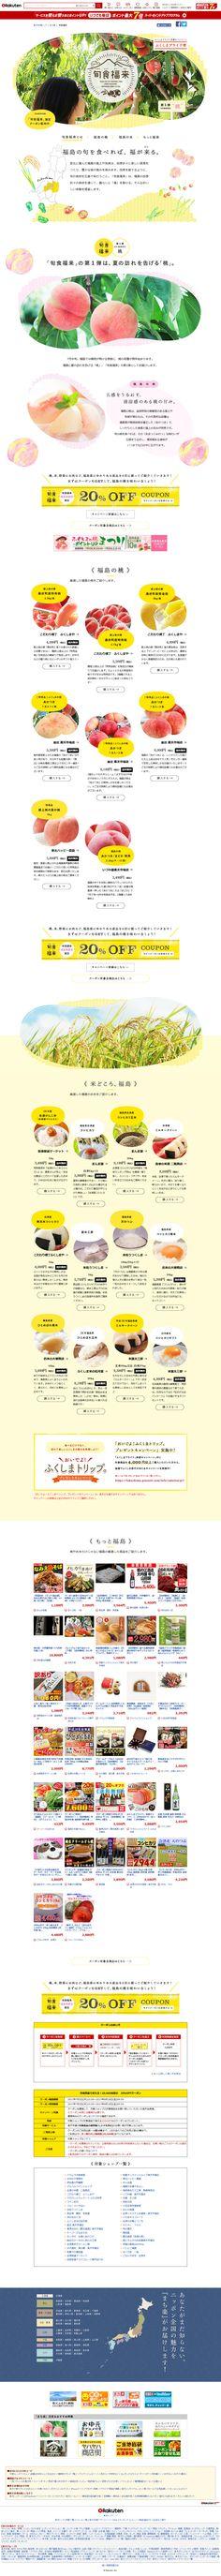 楽天│旬食福来 http://event.rakuten.co.jp/area/fukushima/product/